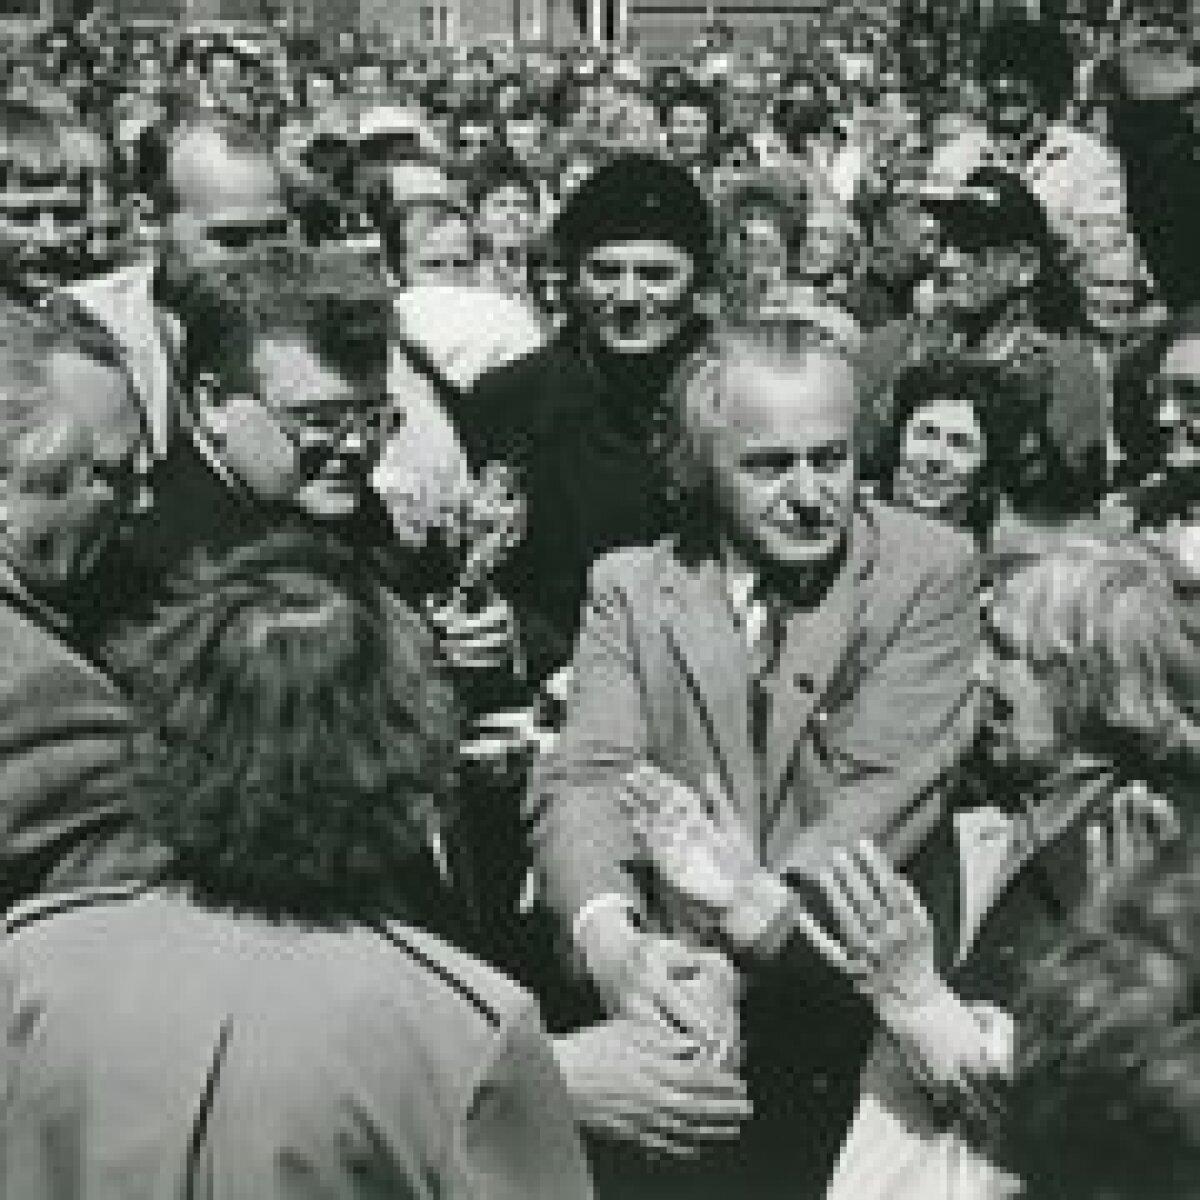 Edgar Savisaar Toompeal, 19 juuni 1991, Foto: Endel Tammepõld, EE Arhiiv